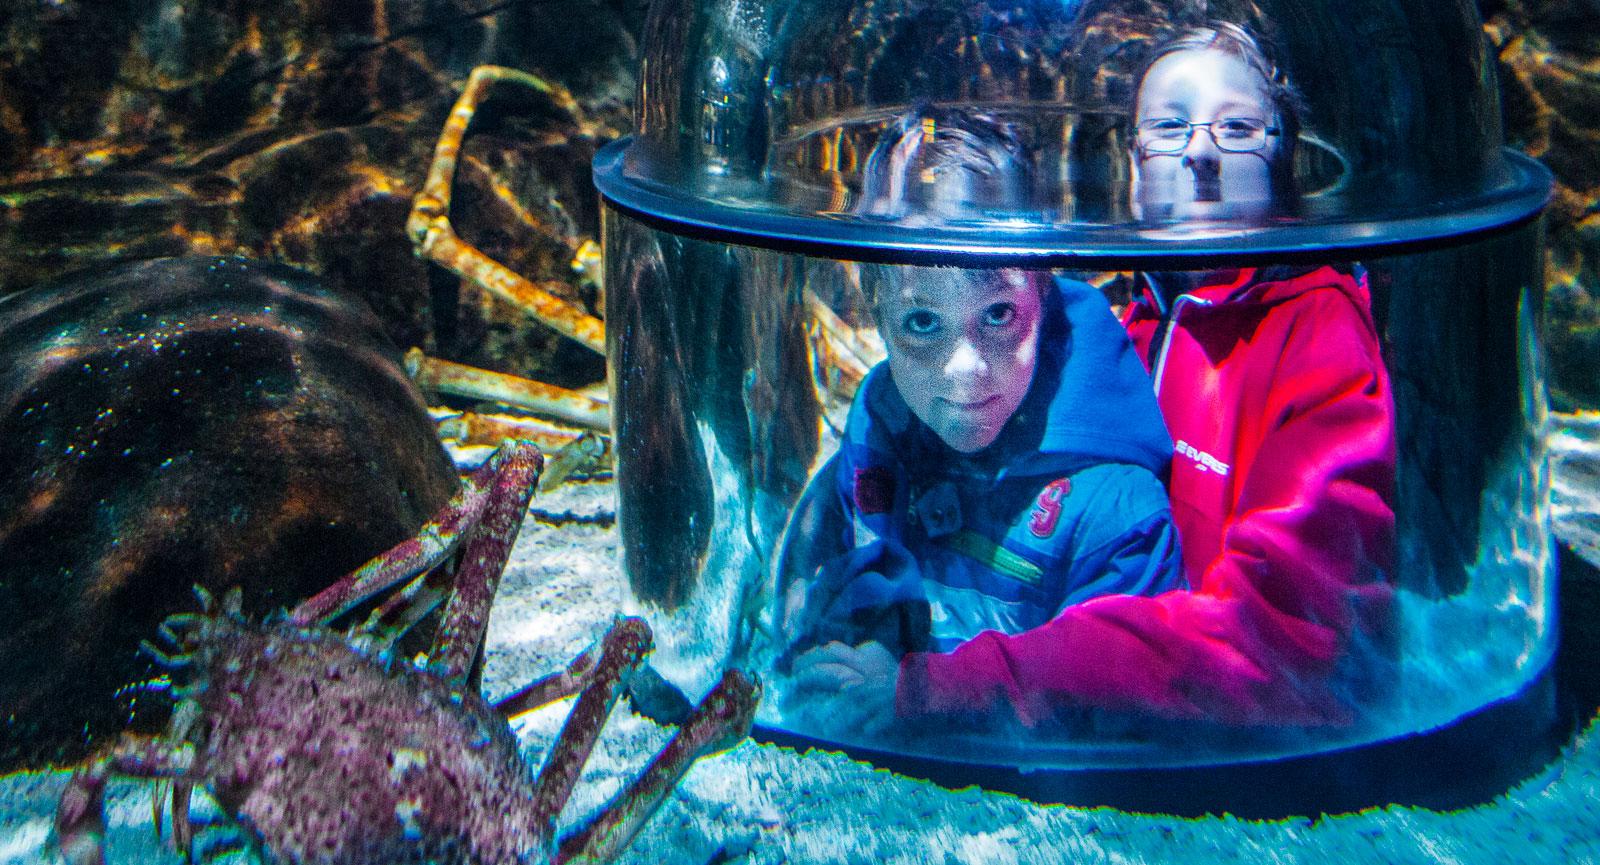 dykarklocka ser det ut som men det är en tunnel under akvariet med fönsterkupor att kika ut genom.